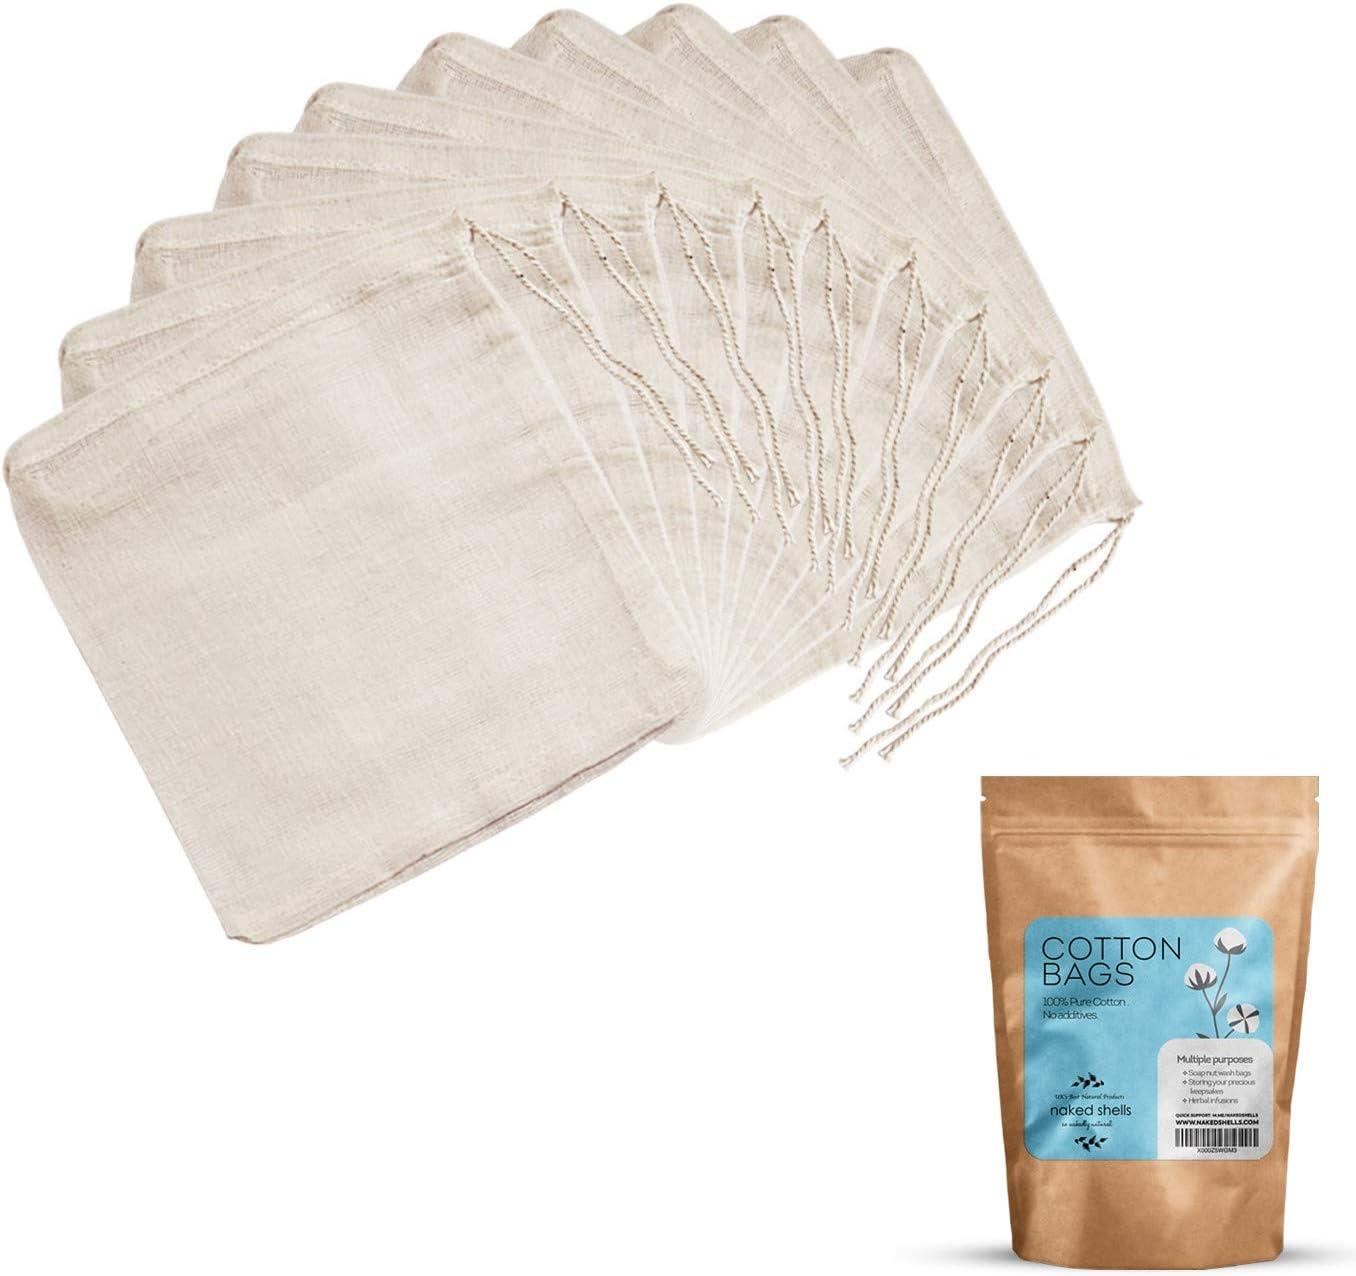 NAKED SHELLS Bolsas de 100% algodón con Cuerdas Multi Pack (Pack de 10)   Multiusos: Soap Nuts Bolsas de lavandería, almacenar Joyas, Recuerdos, infusión de Hierbas